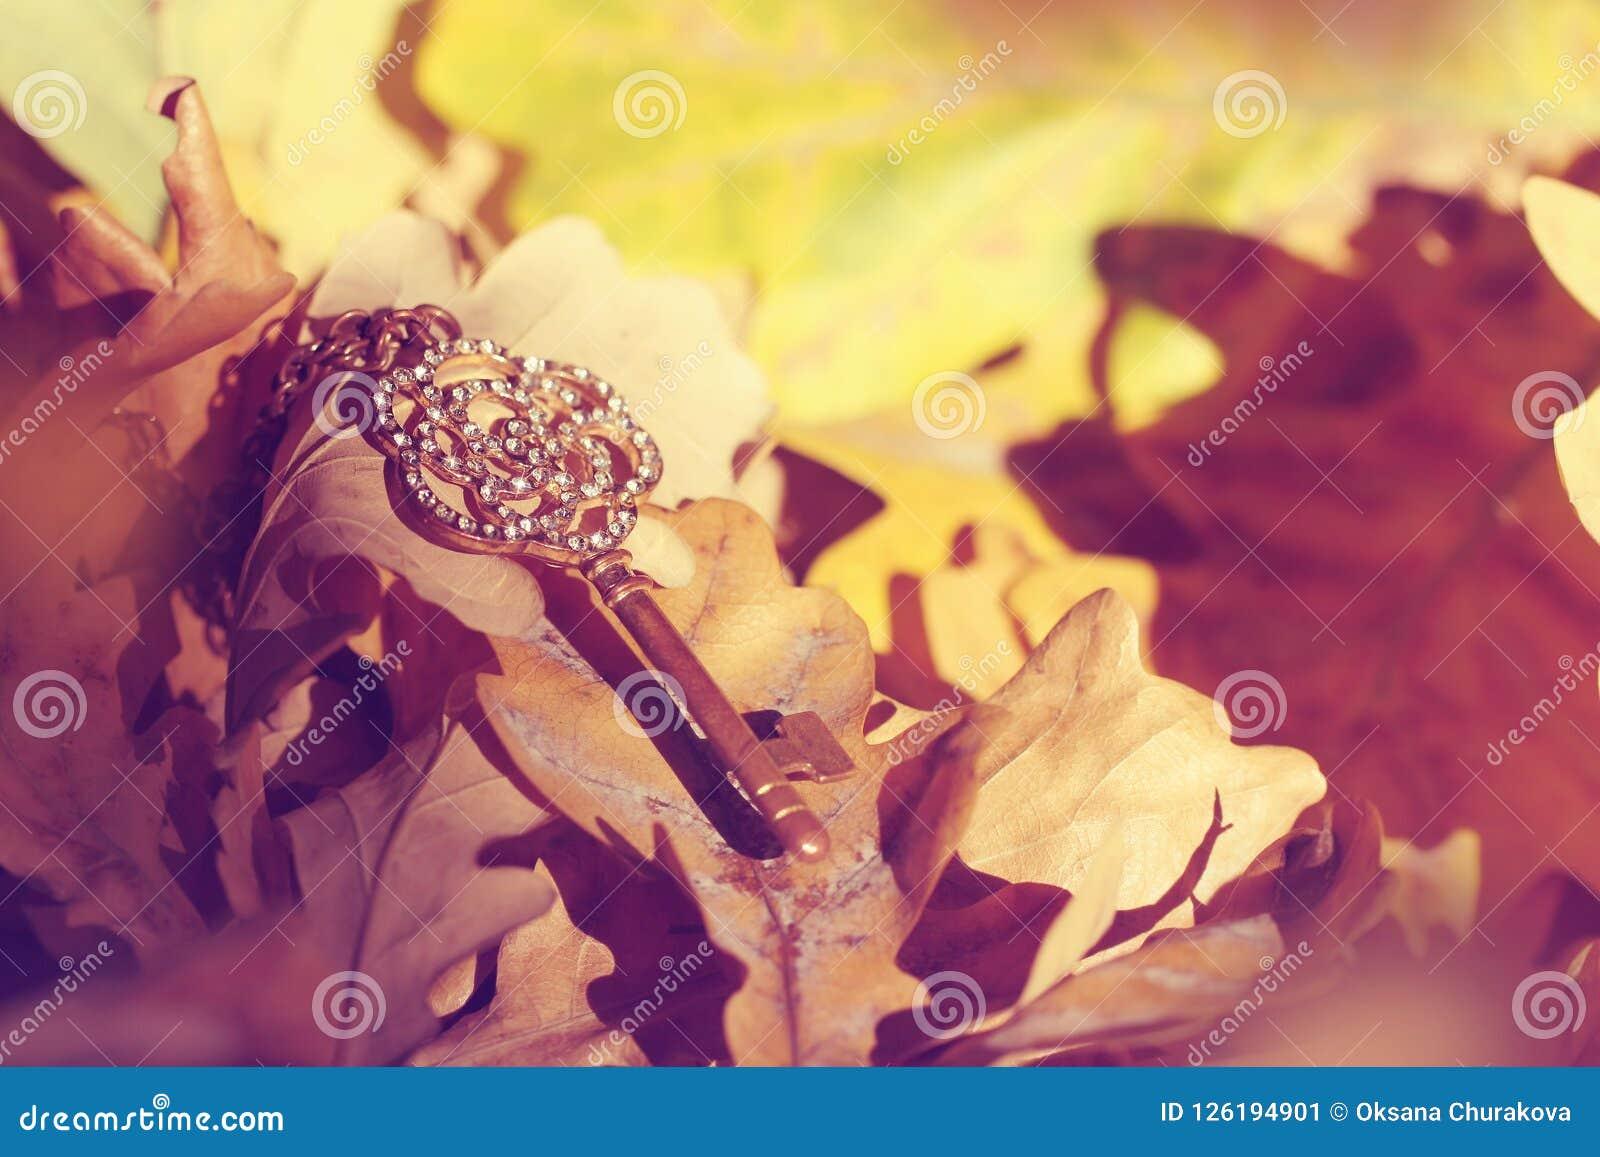 在秋天森林里丢失的古金色钥匙